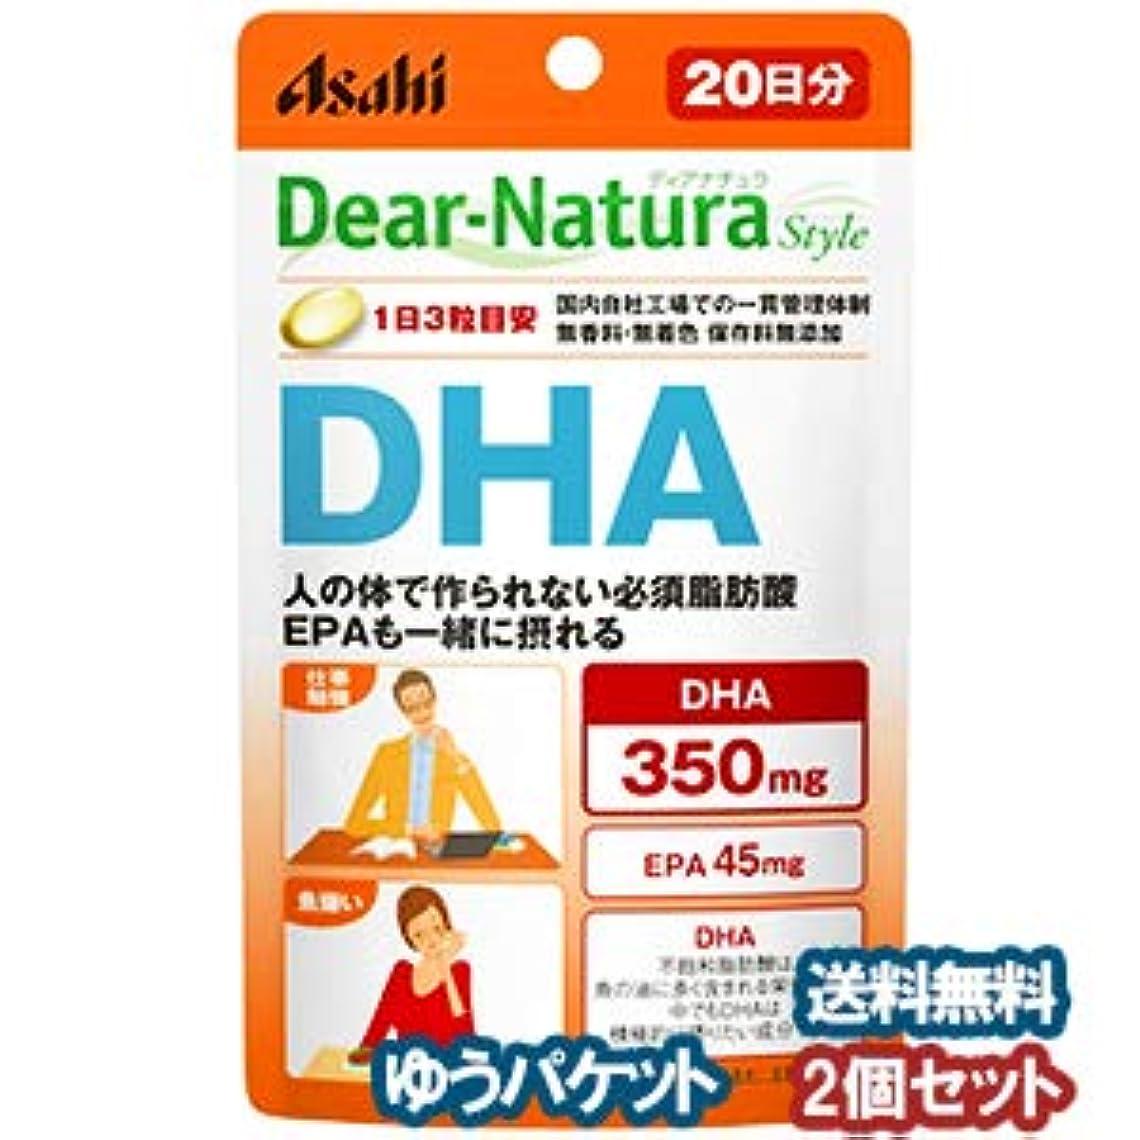 万歳年次申請者ディアナチュラ スタイル DHA 60粒×2個セット